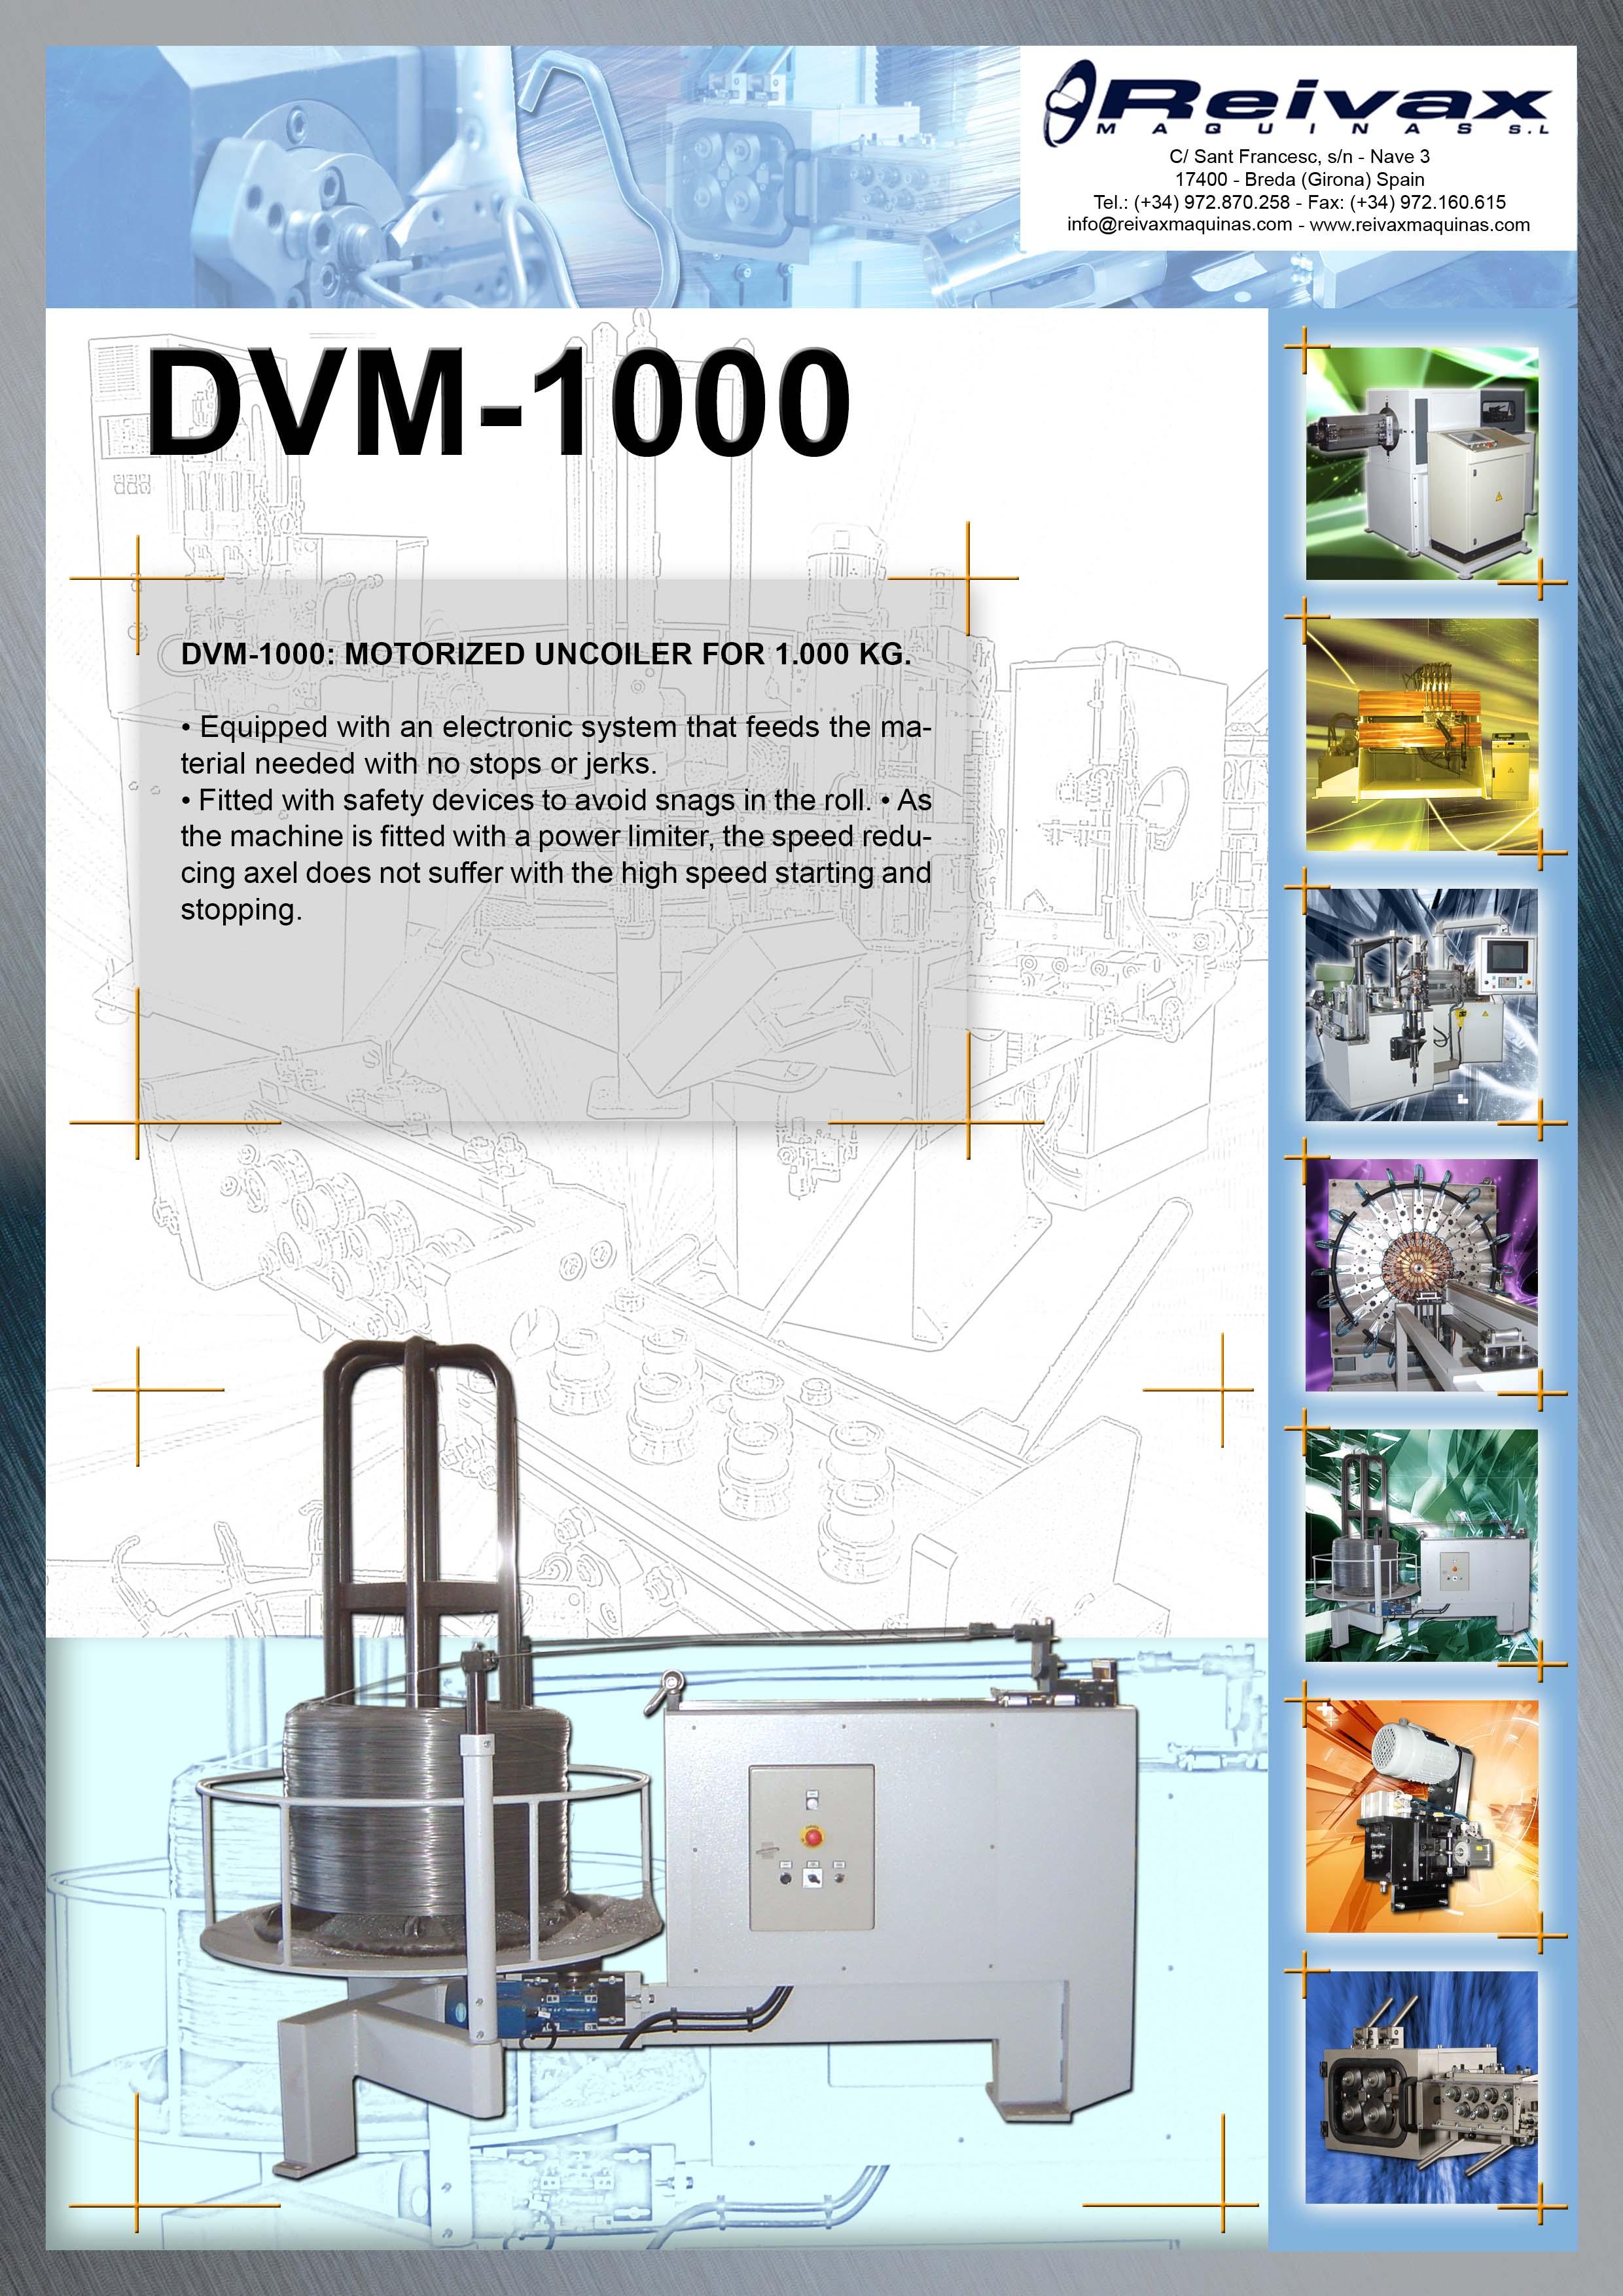 ReivaxMaquinas: Technical Details DVM-1000